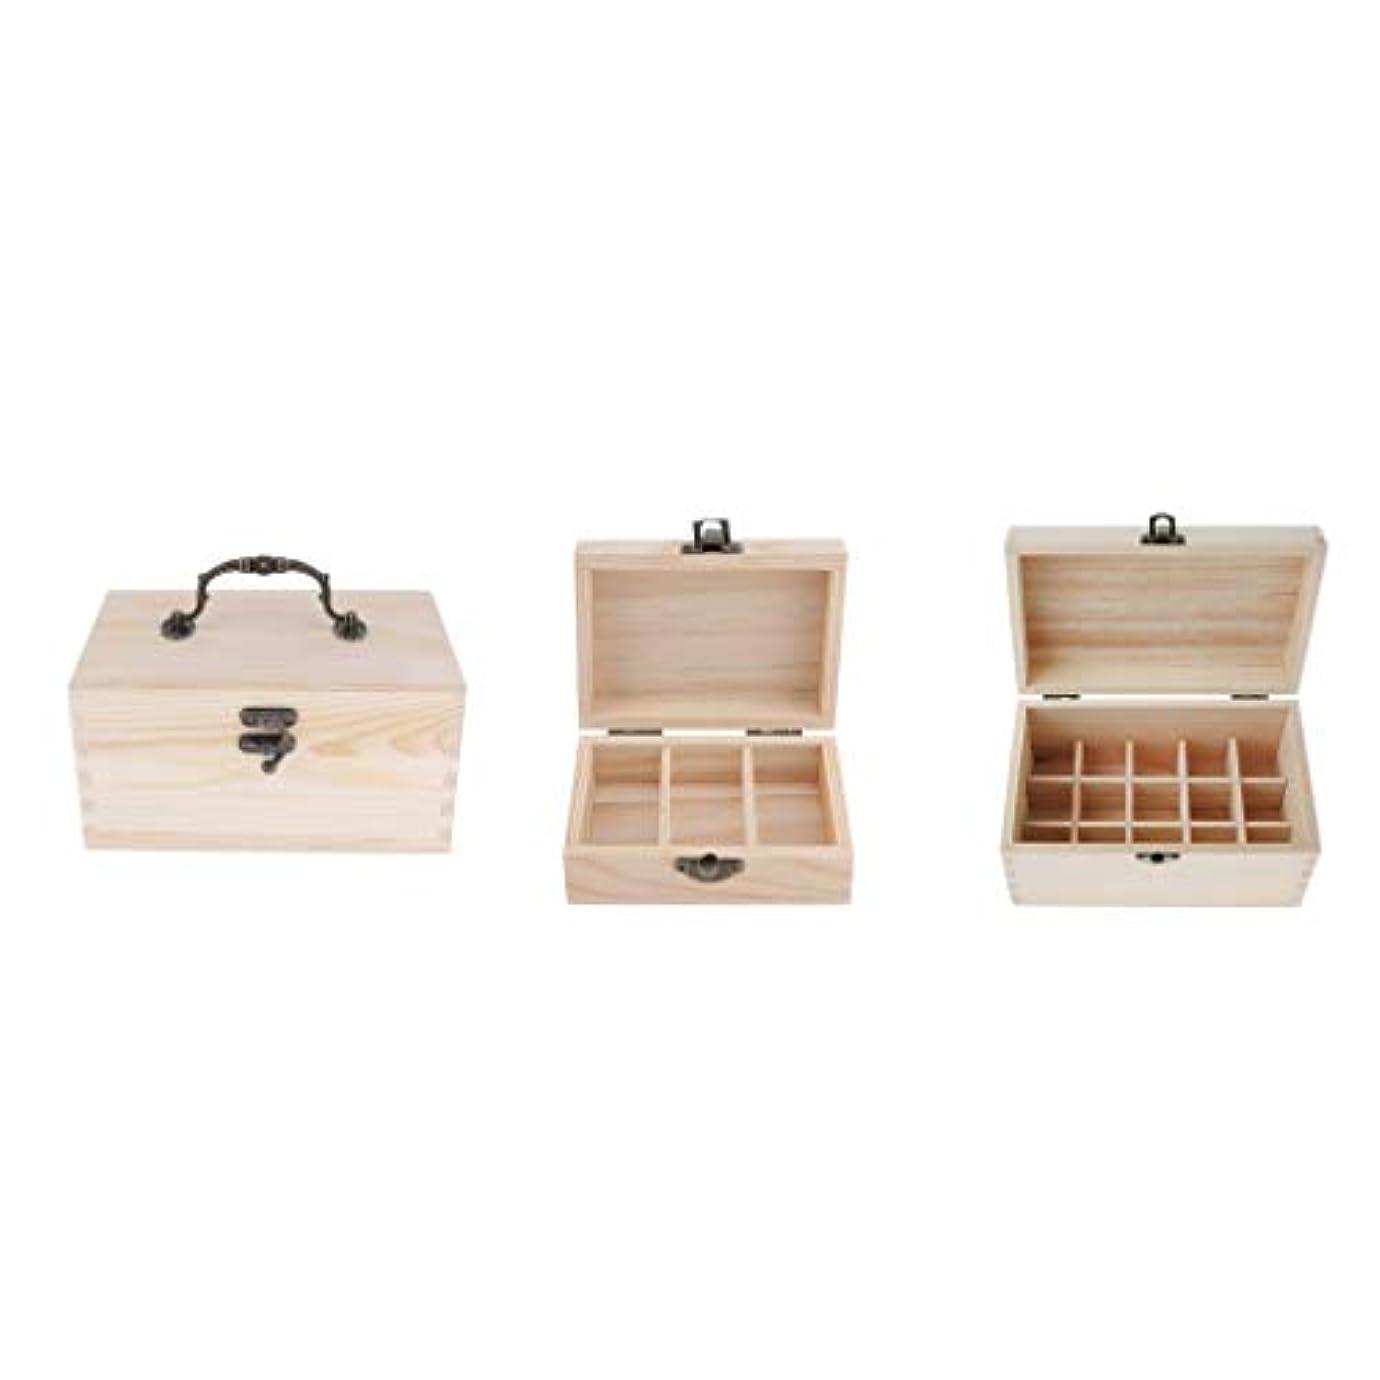 吸収セーブ豪華なエッセンシャルオイル 収納ボックス 木製ボックス 精油収納 香水収納ケース 3個セット